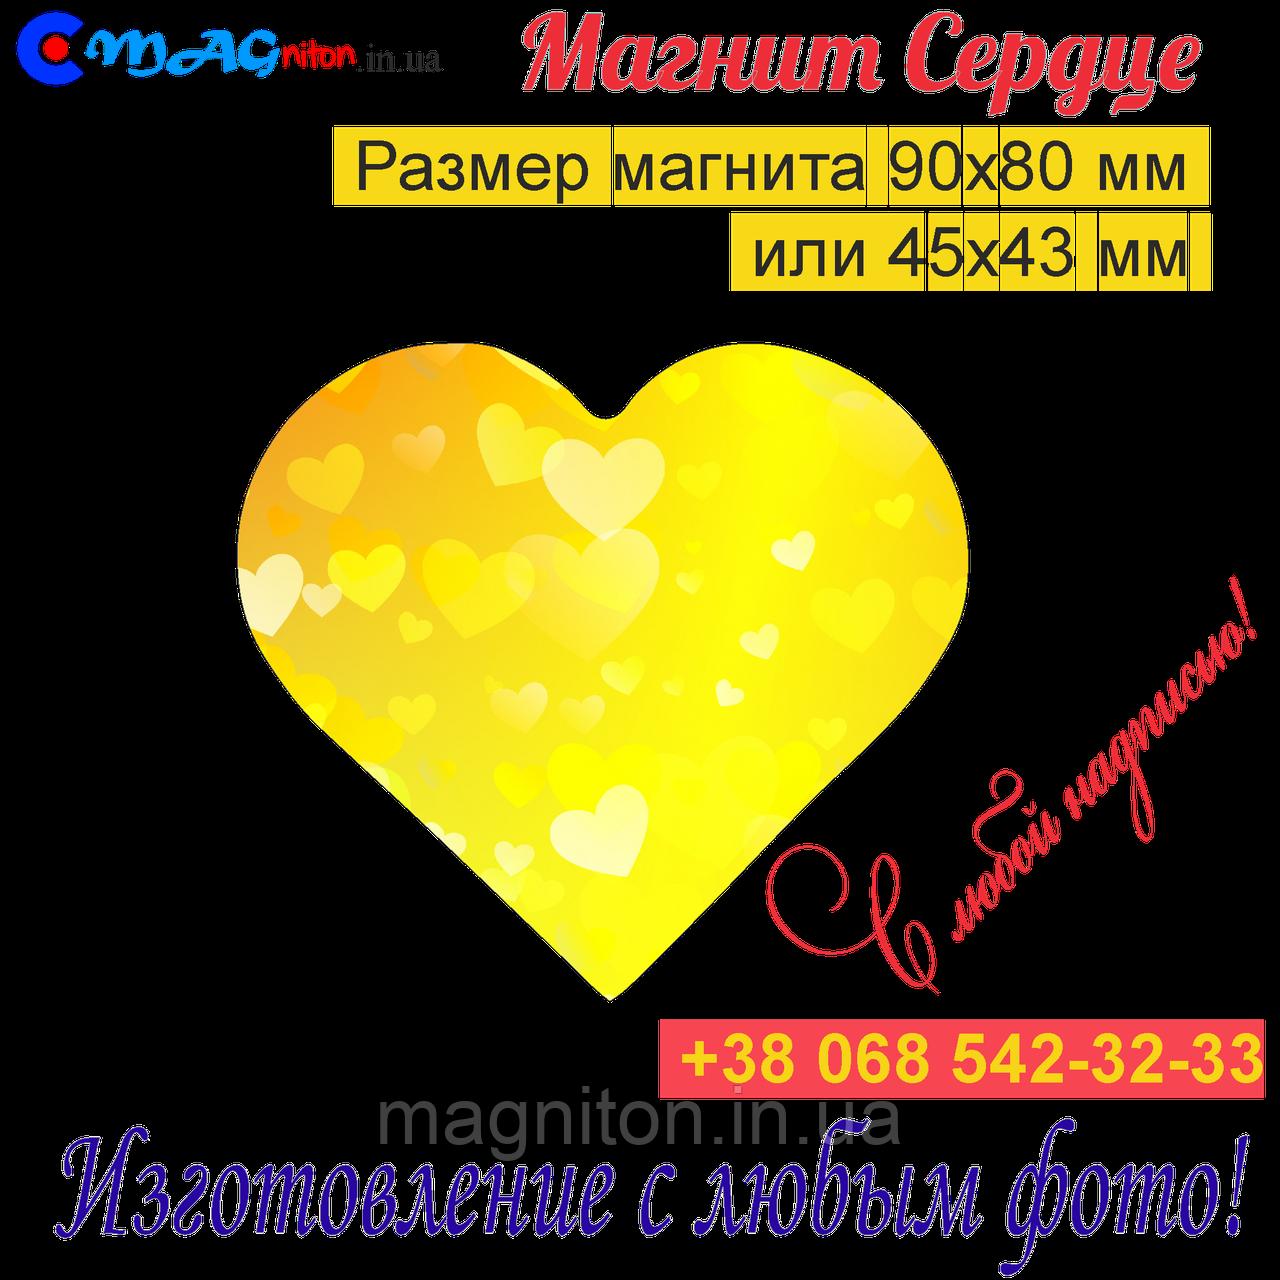 Магнит Сердце на холодильник 0105